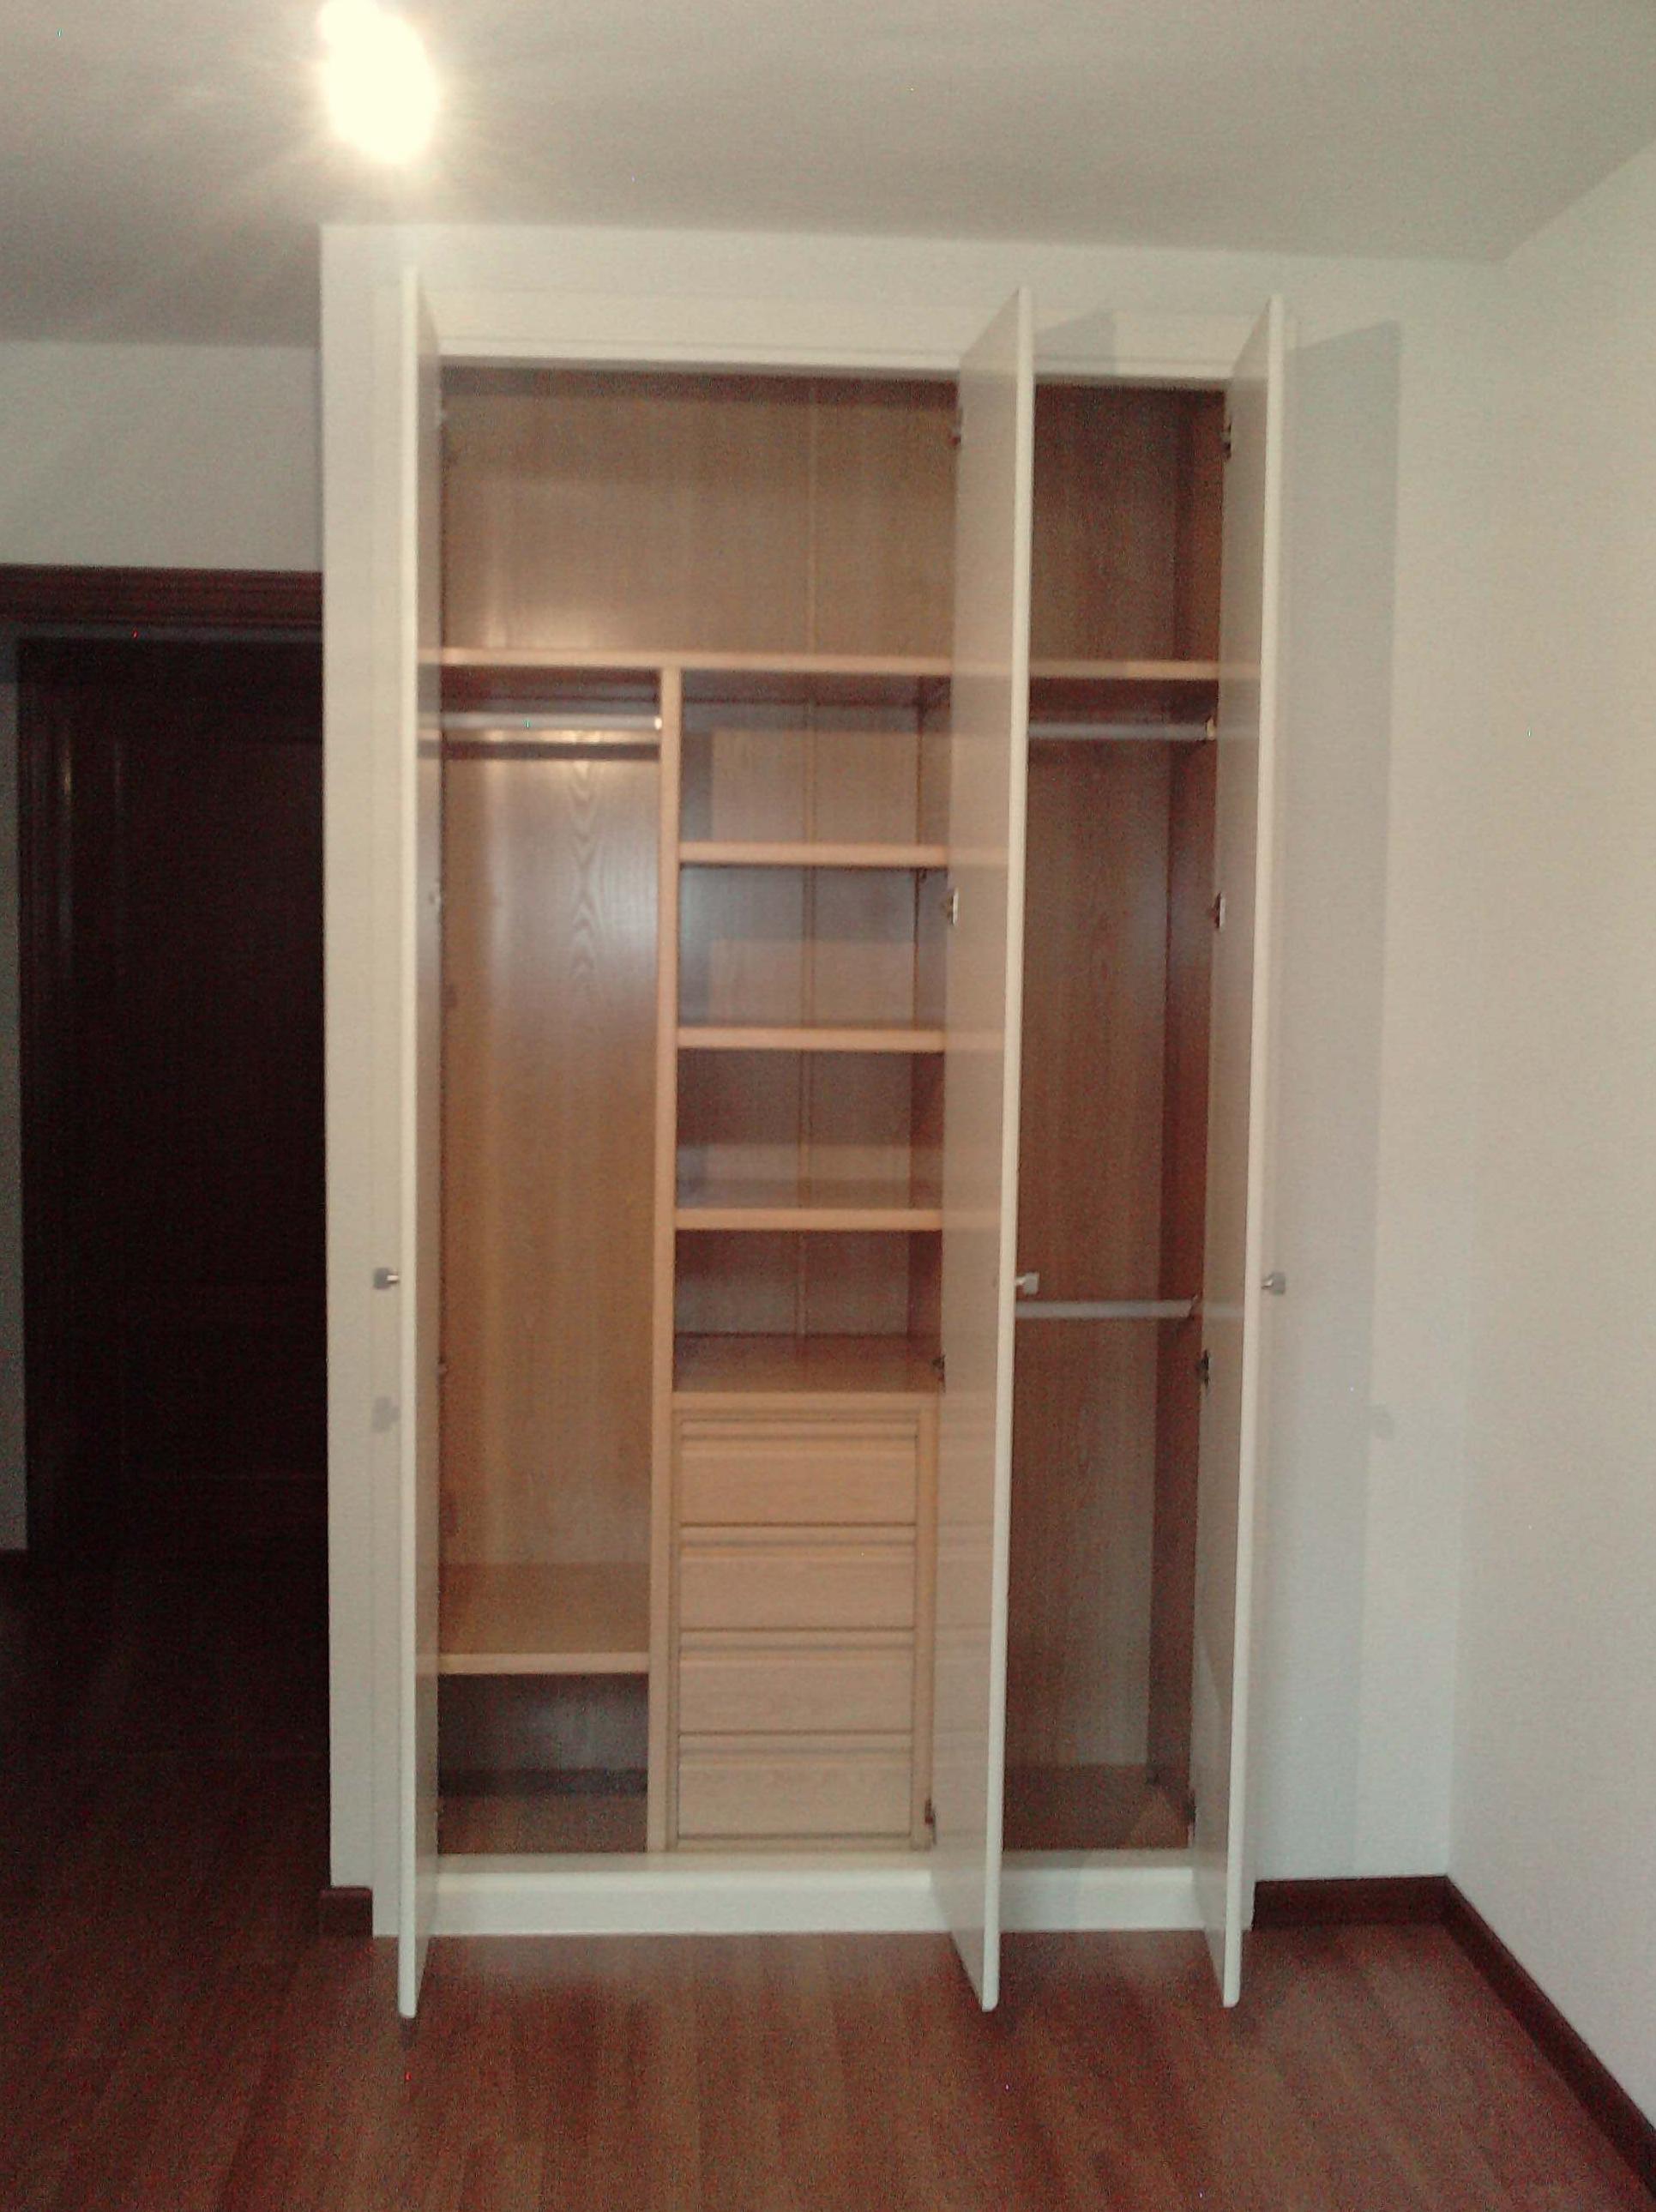 Muebles En Colmenar Viejo Latest Somier With Muebles En Colmenar  # Muebles Pibago Colmenar Viejo